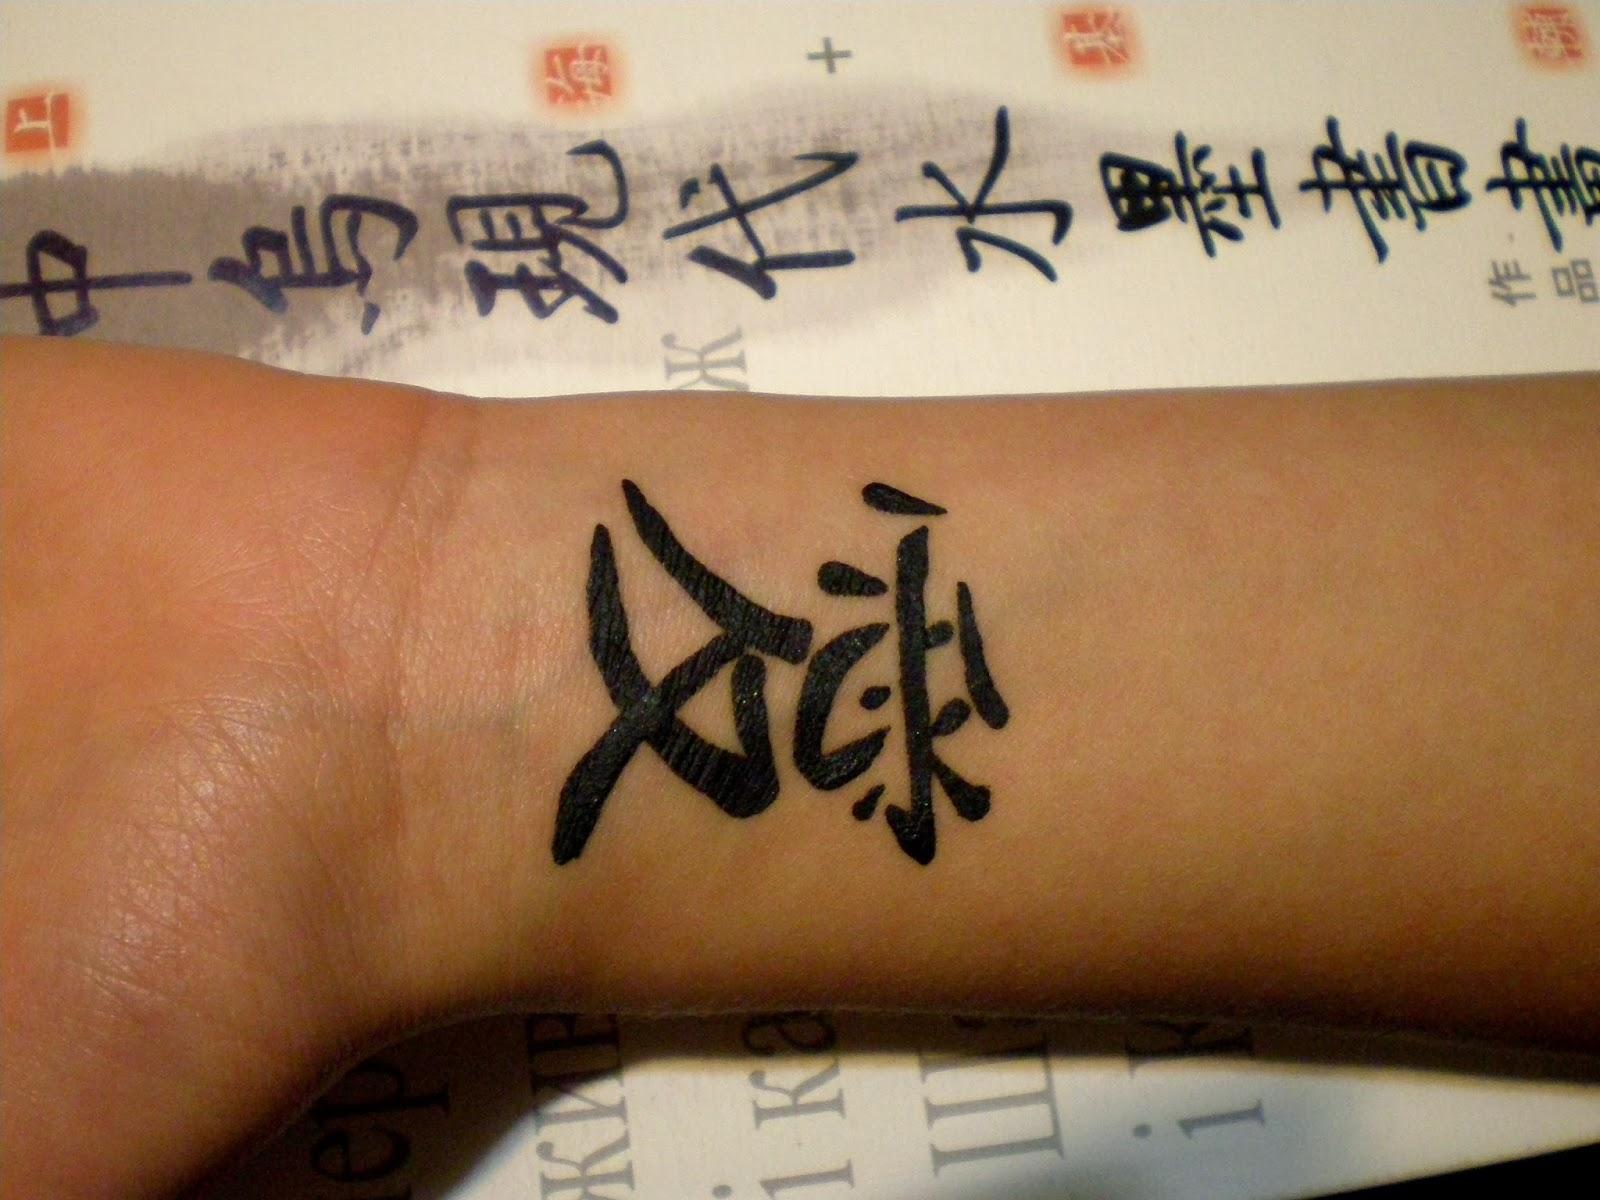 рисунки для временного тату - Временные татуировки в домашних условиях